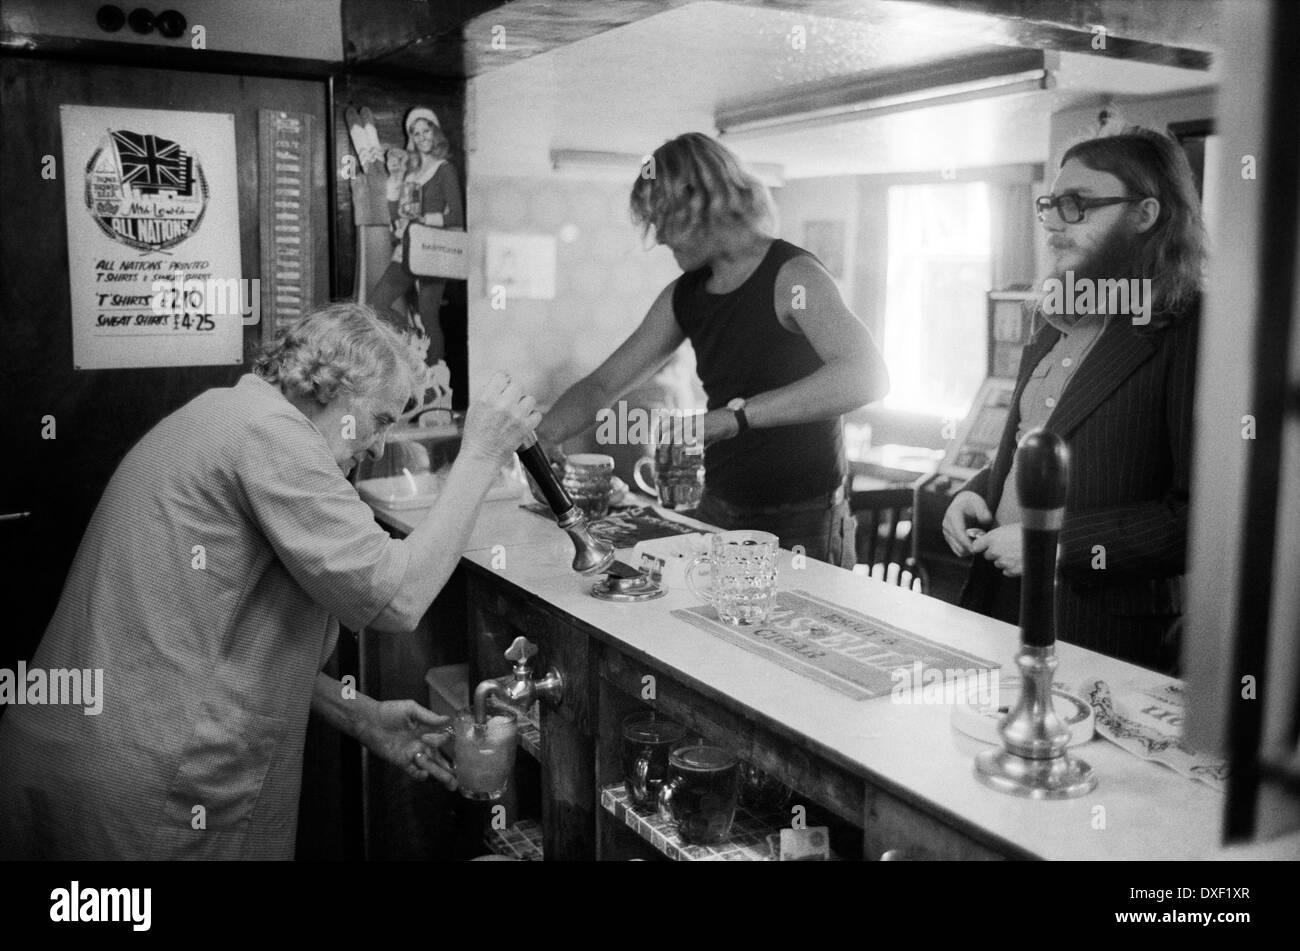 Pub interno Shropshire village locali presso il bar Inghilterra degli anni settanta uk padrona di casa tirando pinta di birra 70s HOMER SYKES Immagini Stock